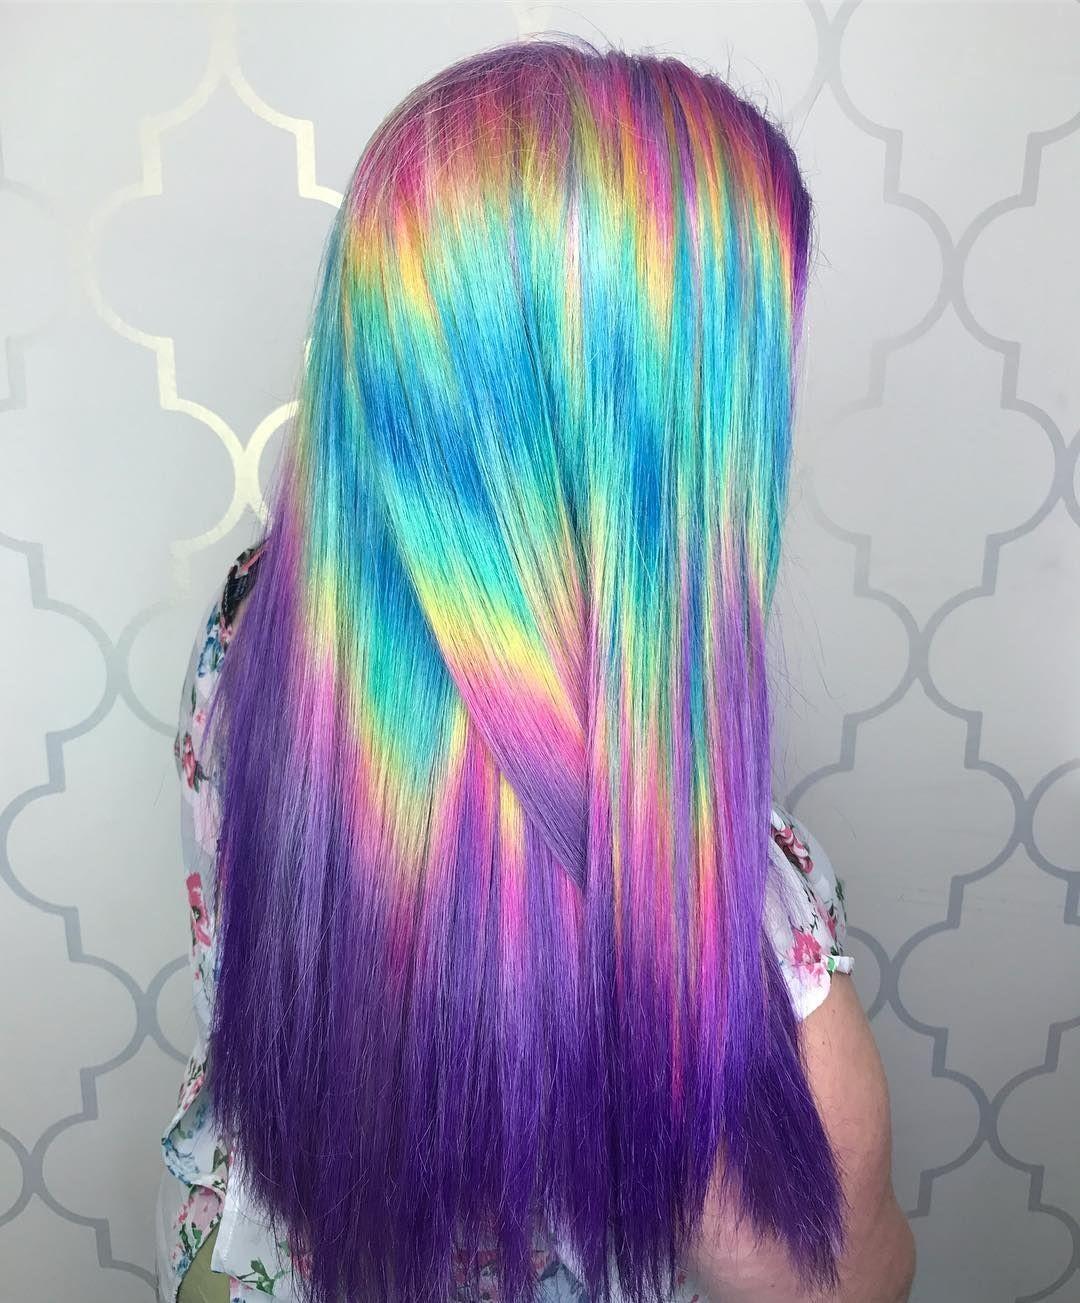 Quelle couleur de cheveux t'irait le mieux ?